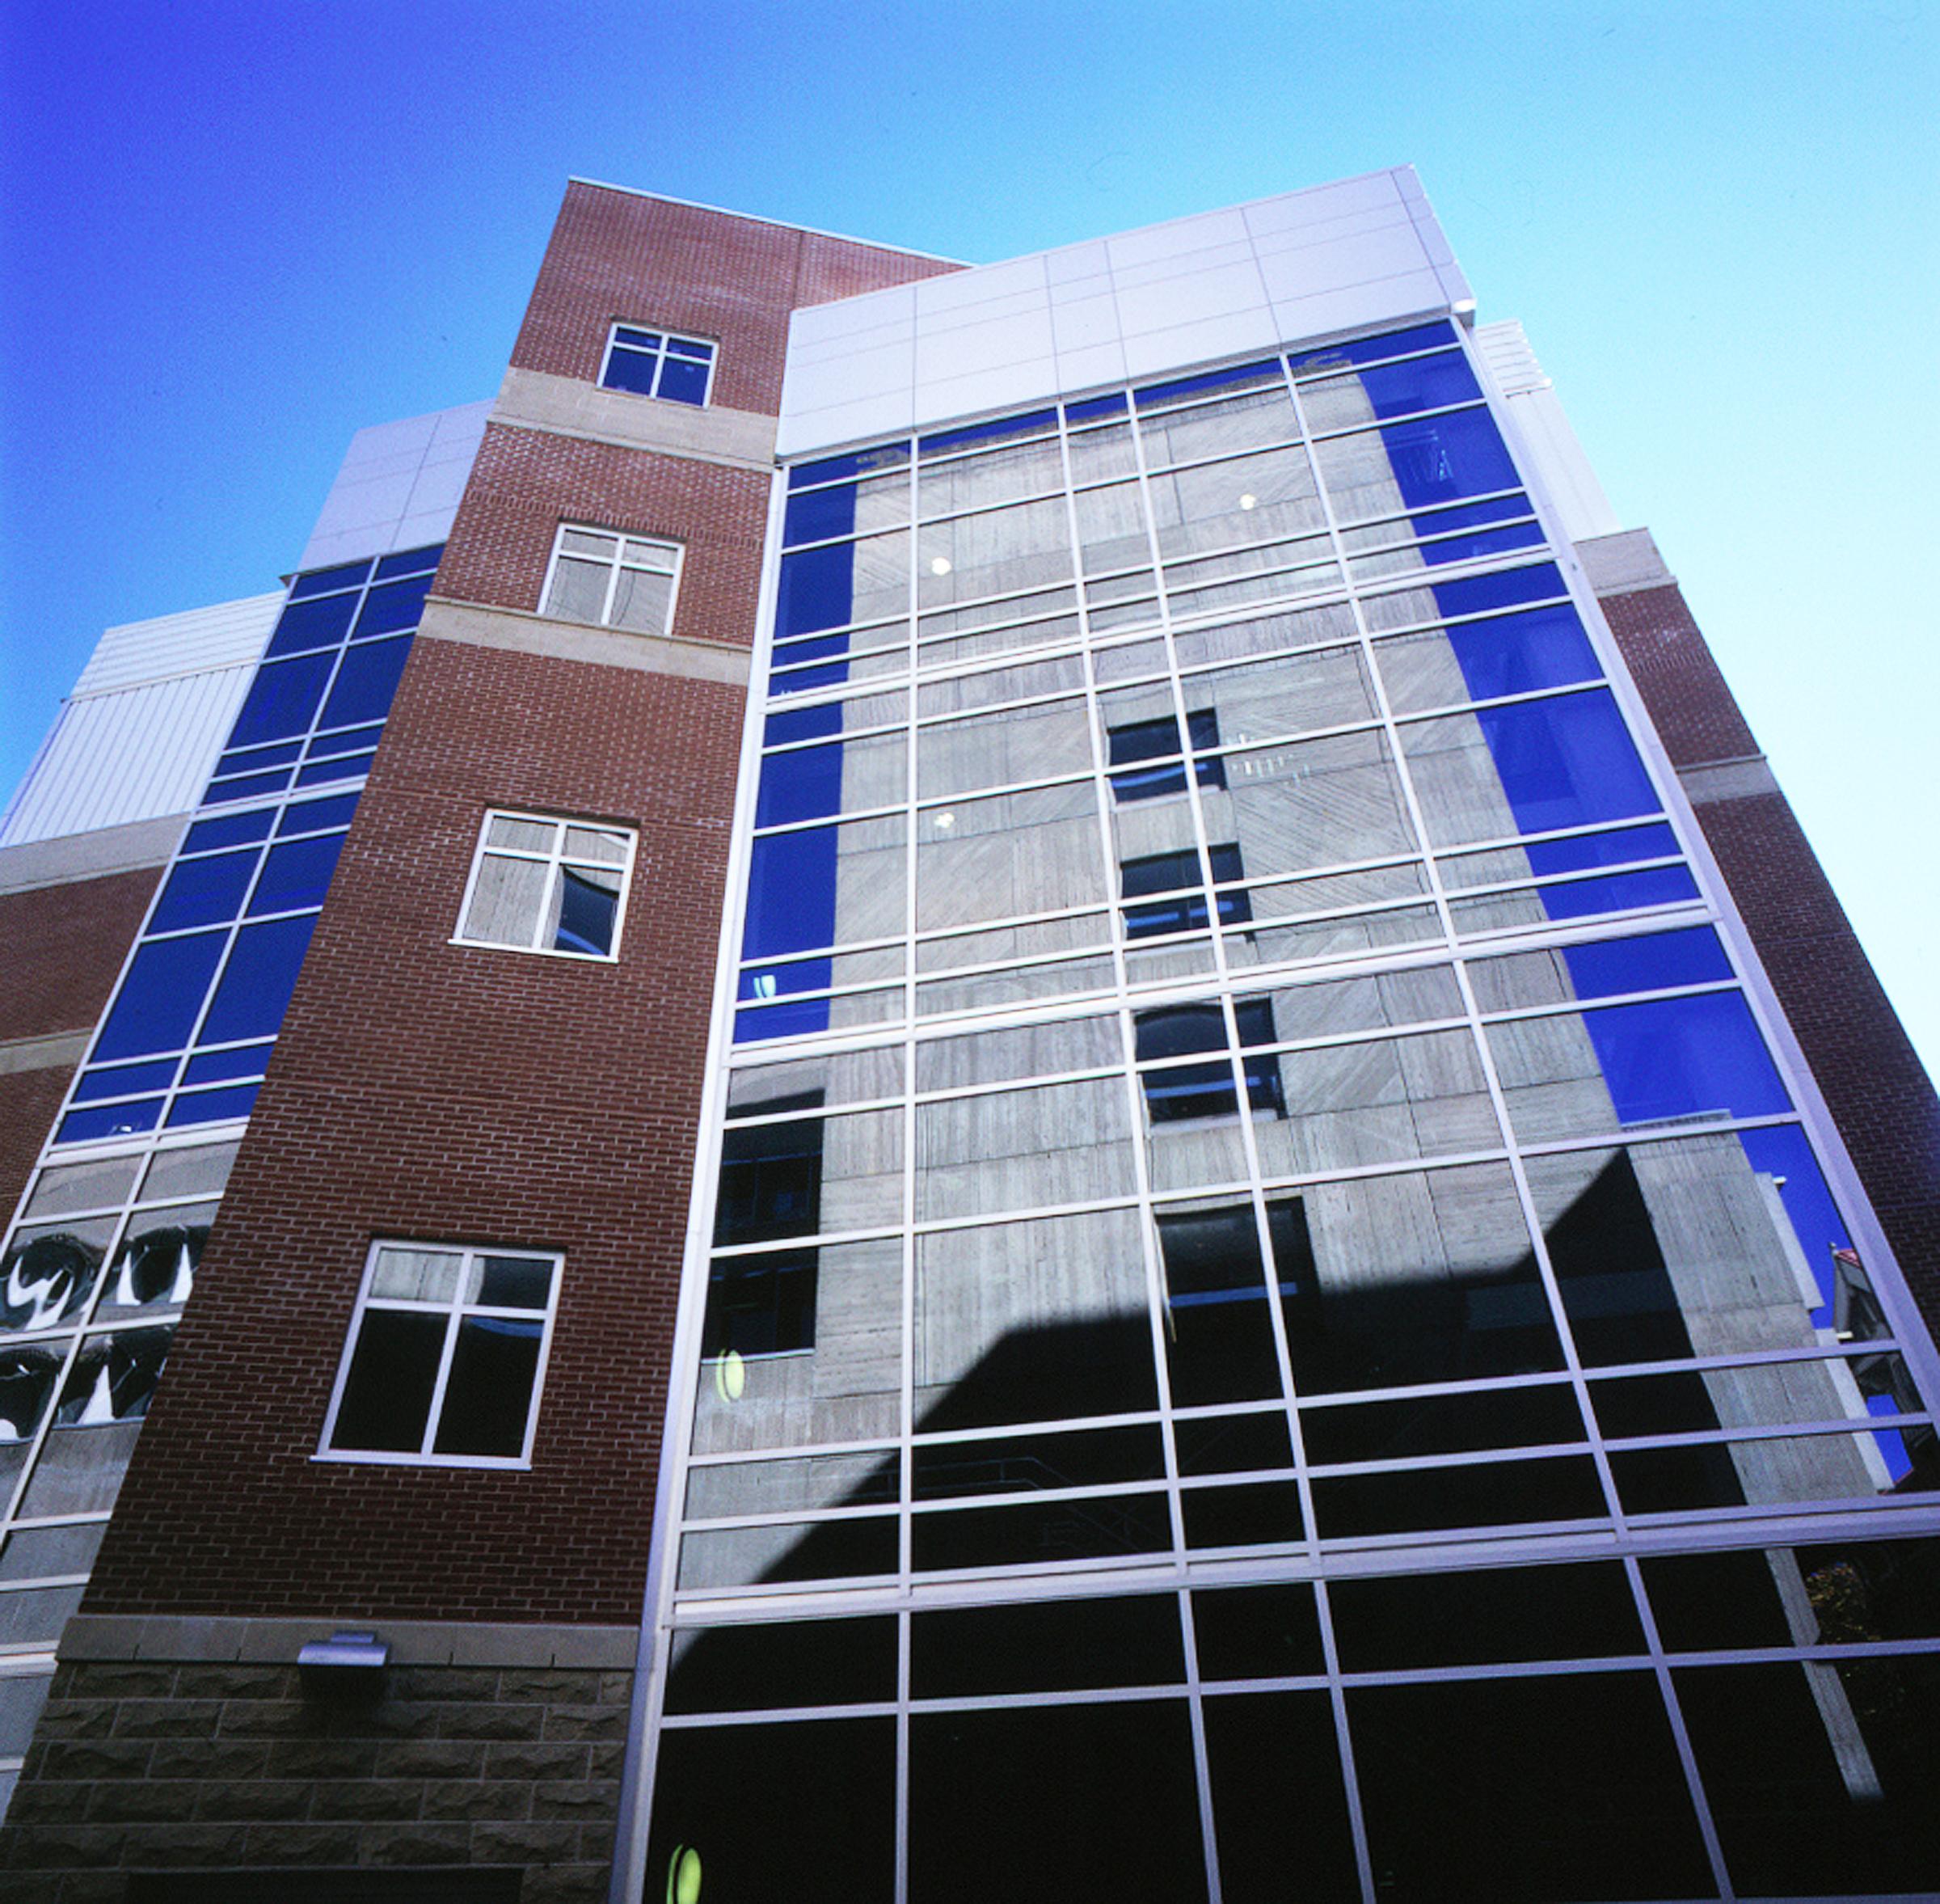 Photos Website Info University Of Guelph